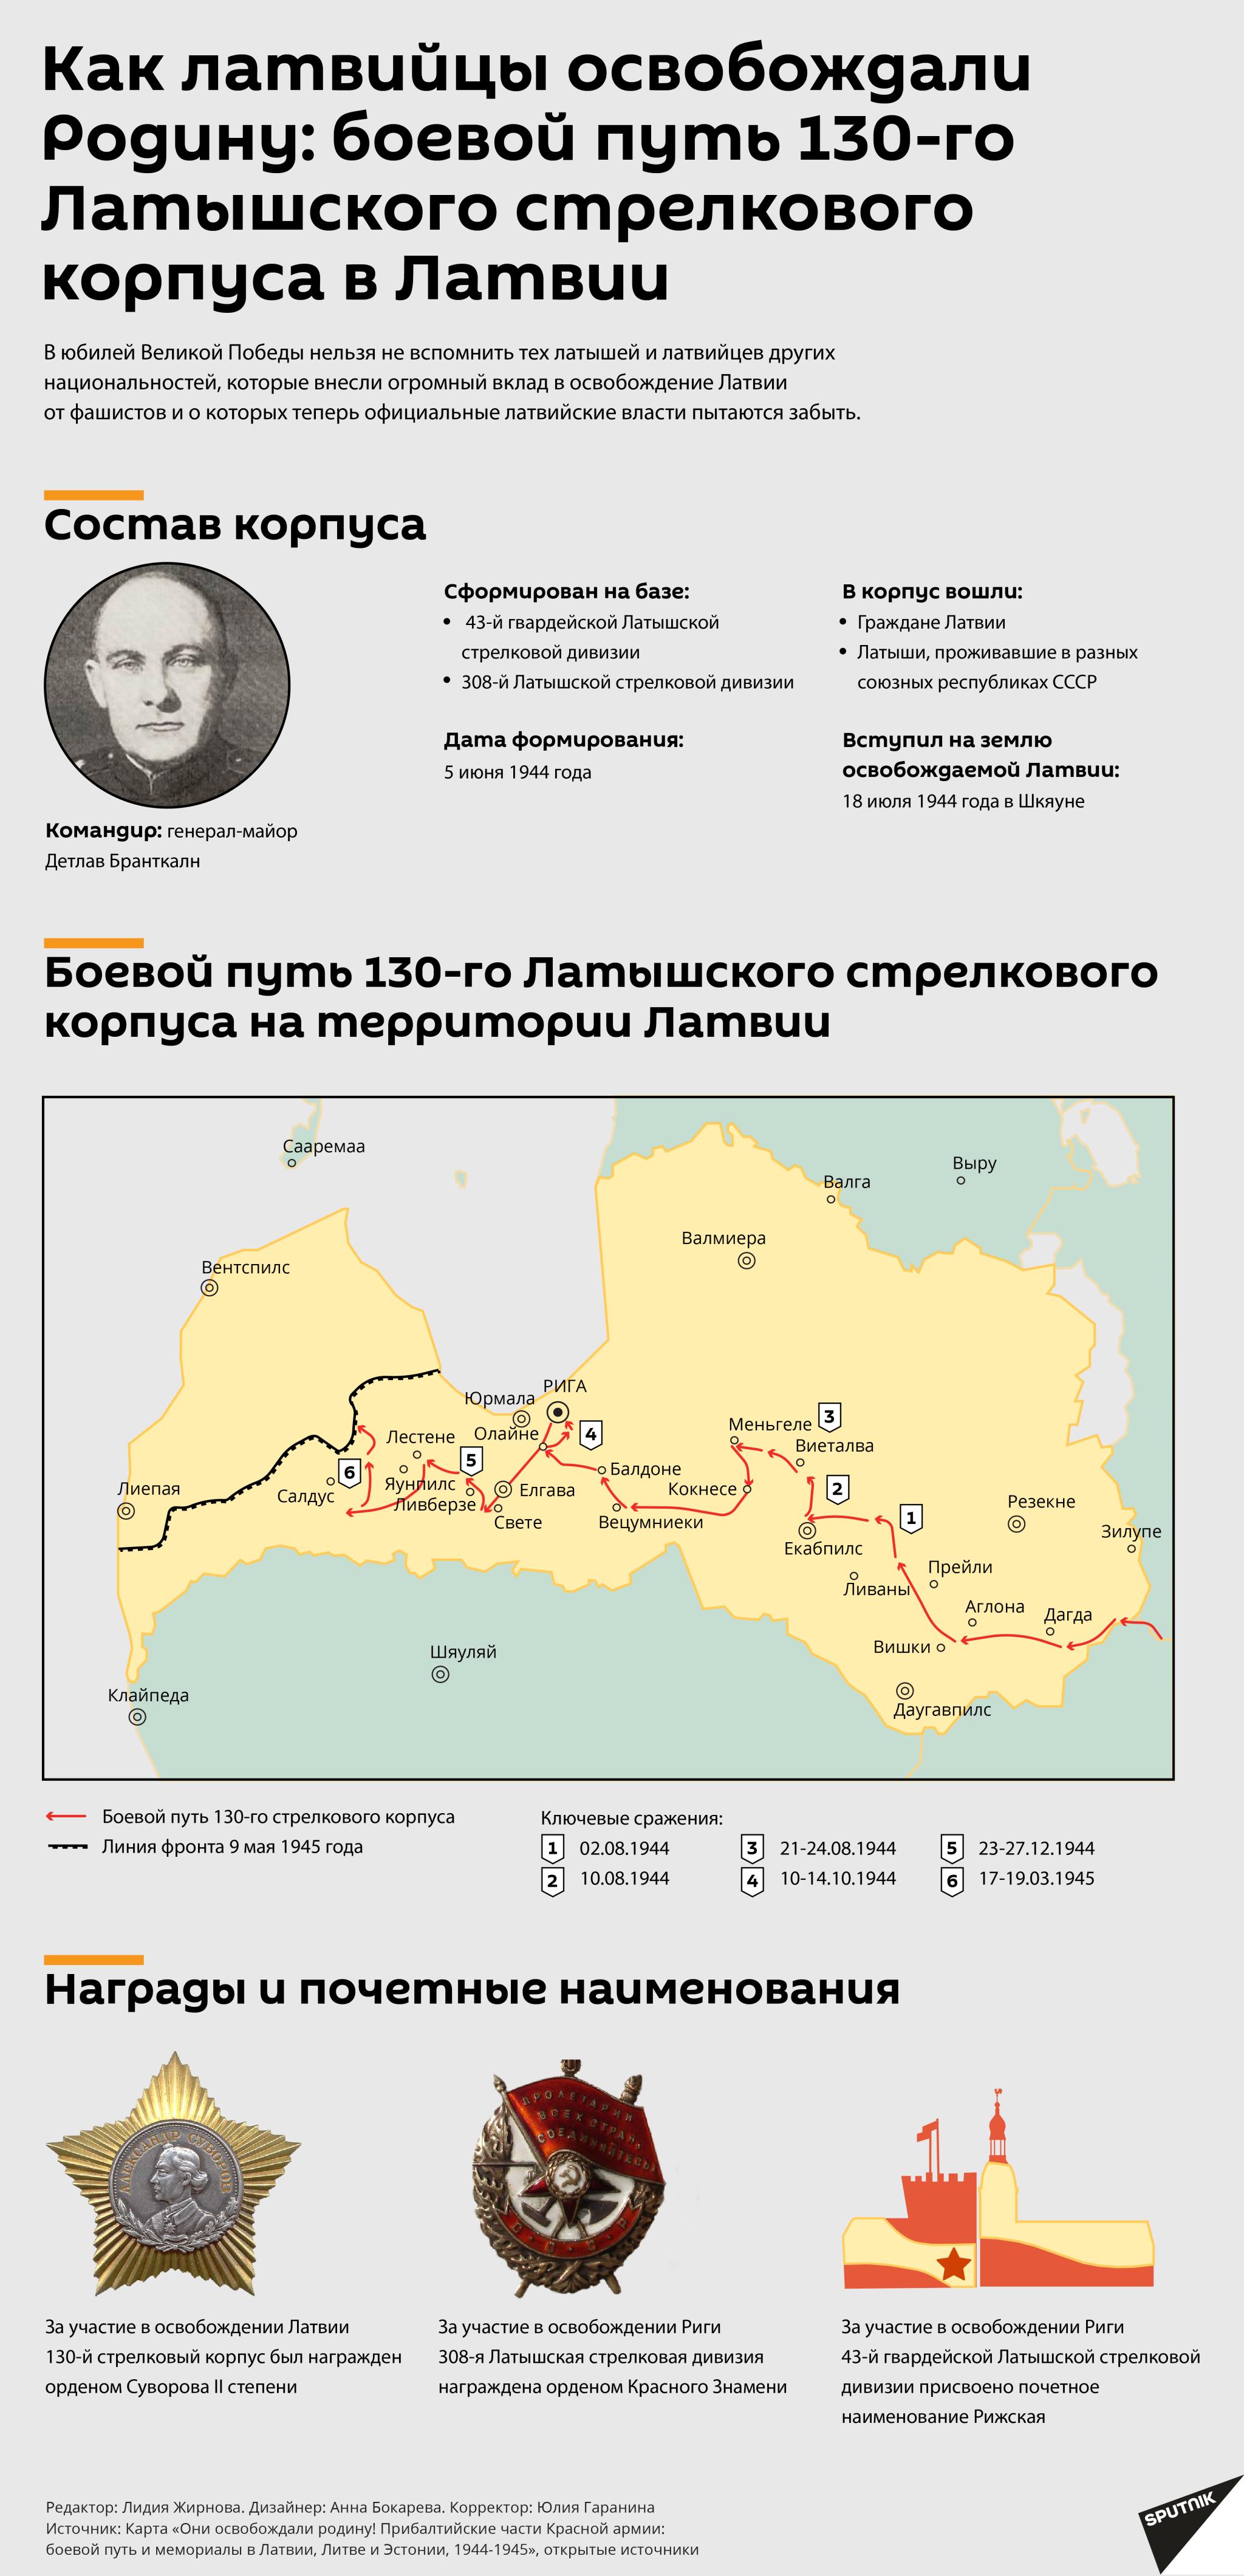 Как латвийцы освобождали Родину: боевой путь 130-го Латышского стрелкового корпуса в Латвии - Sputnik Латвия